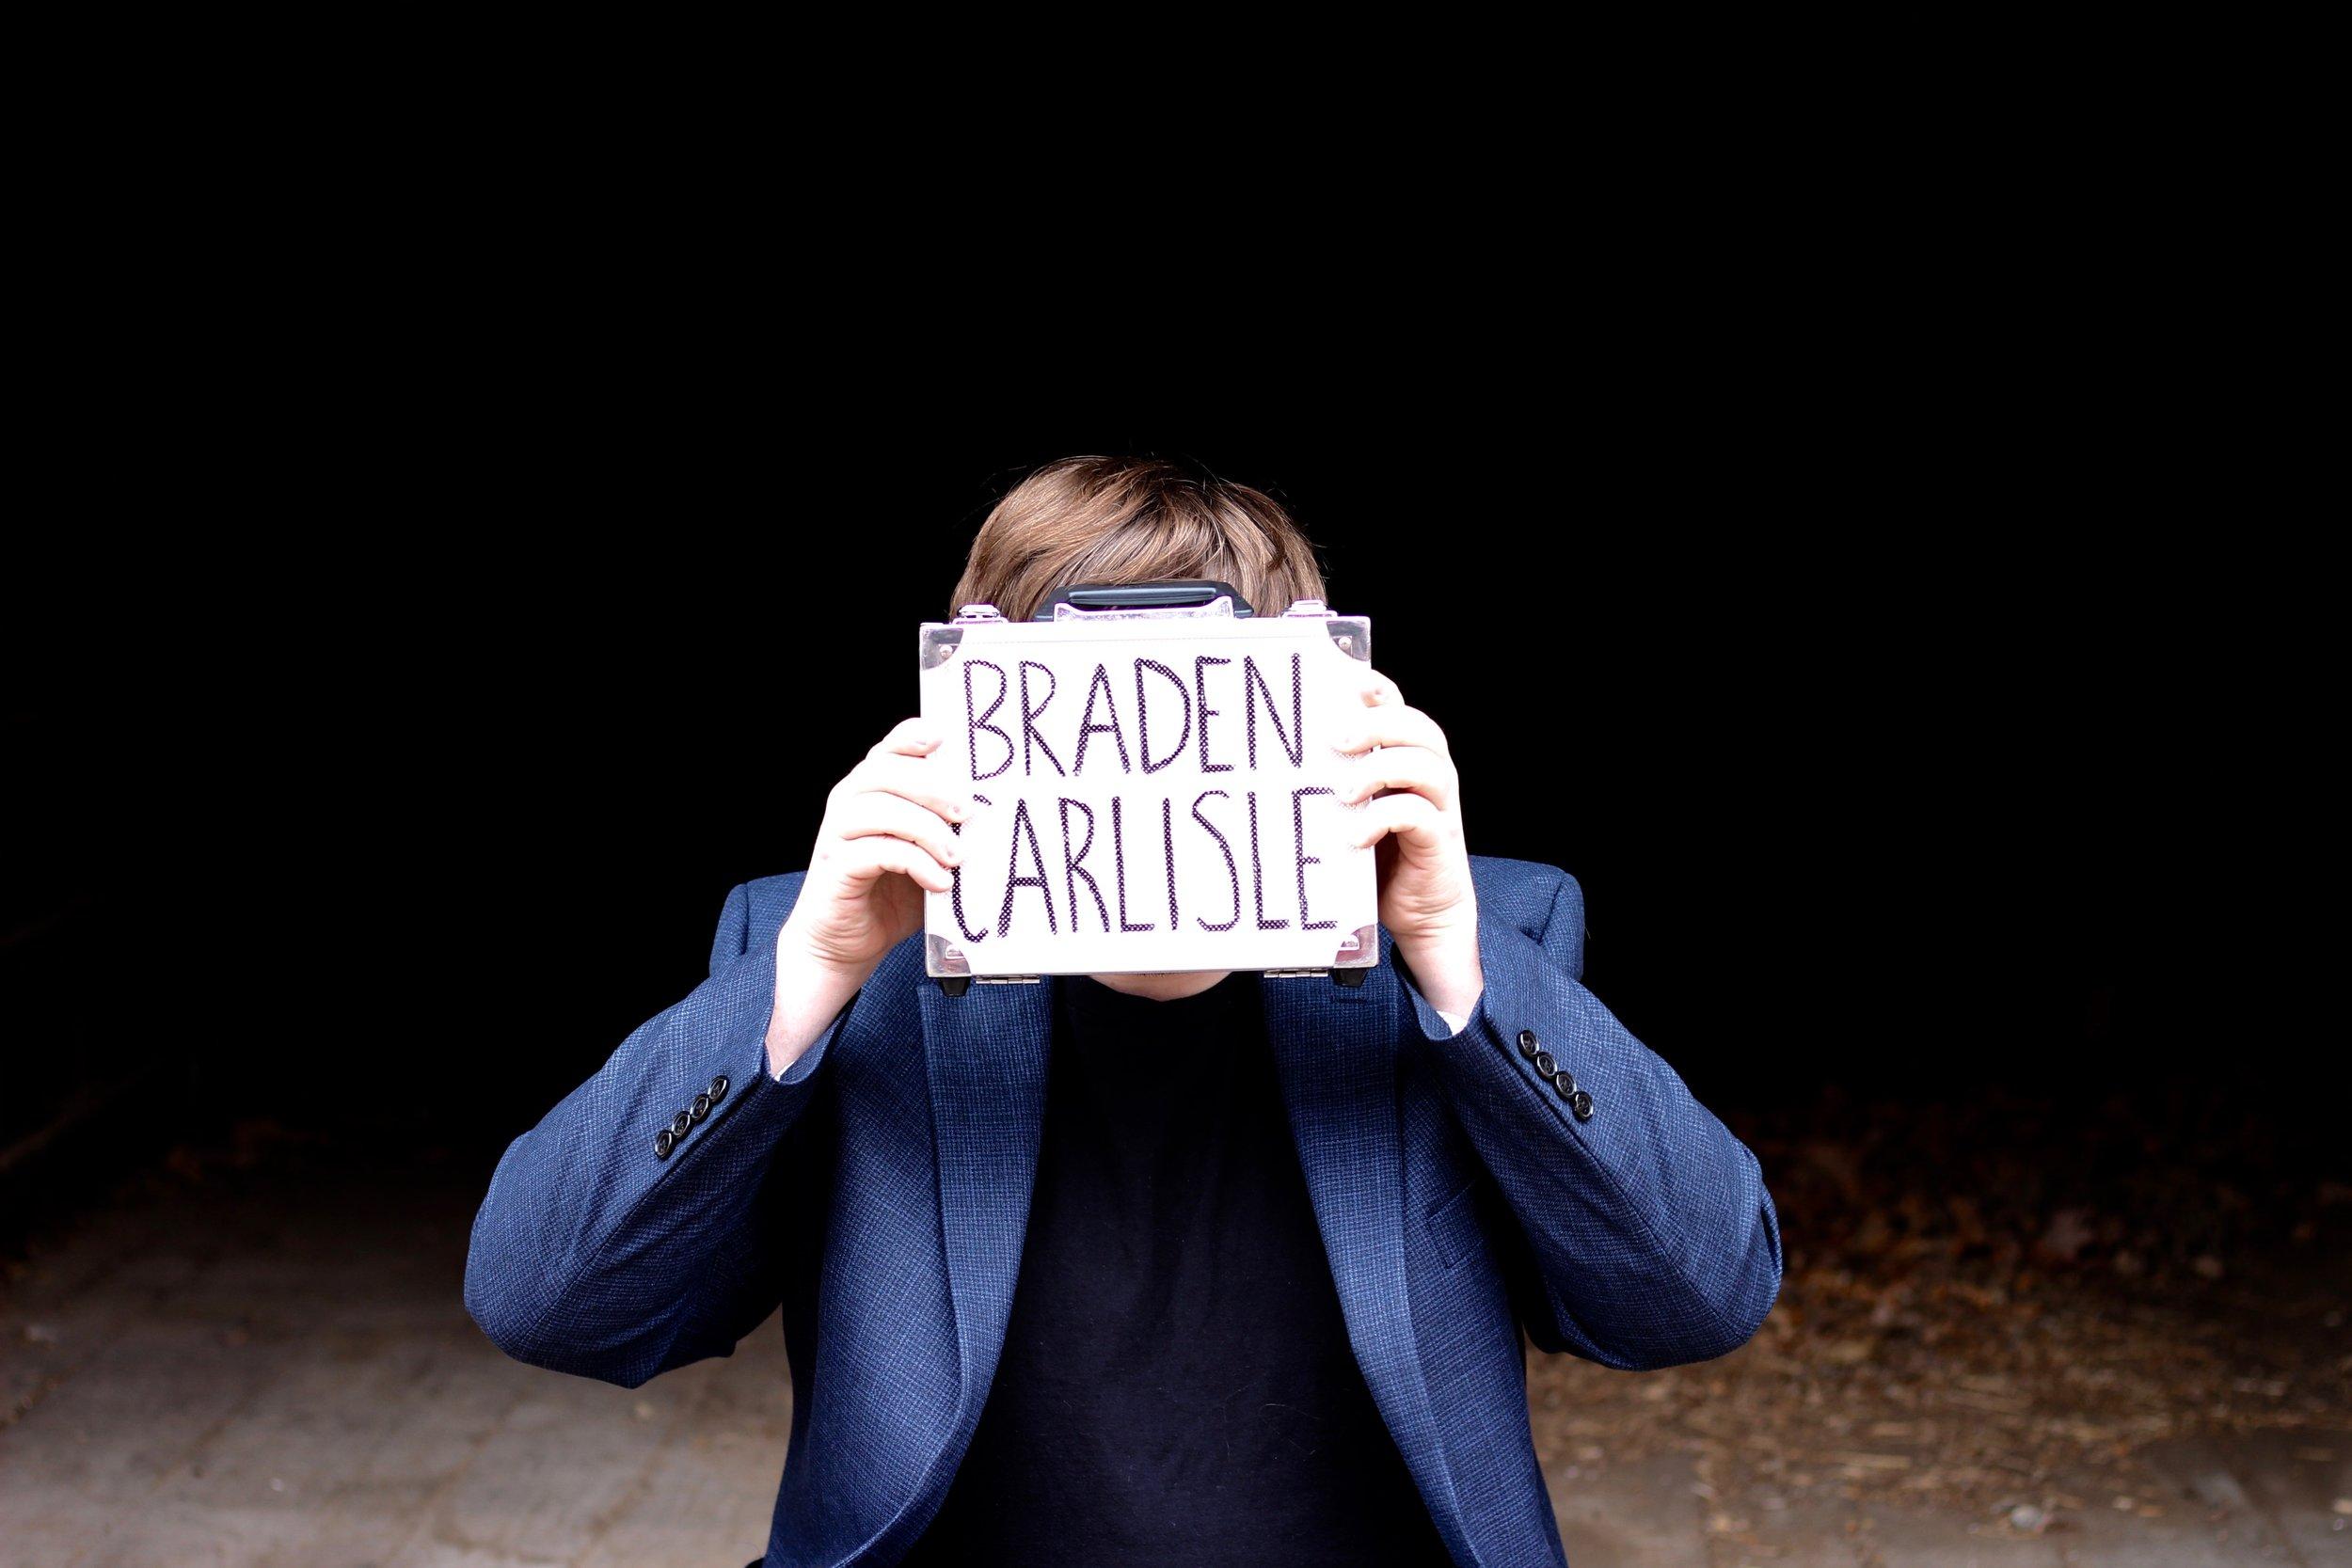 Braden Carlisle